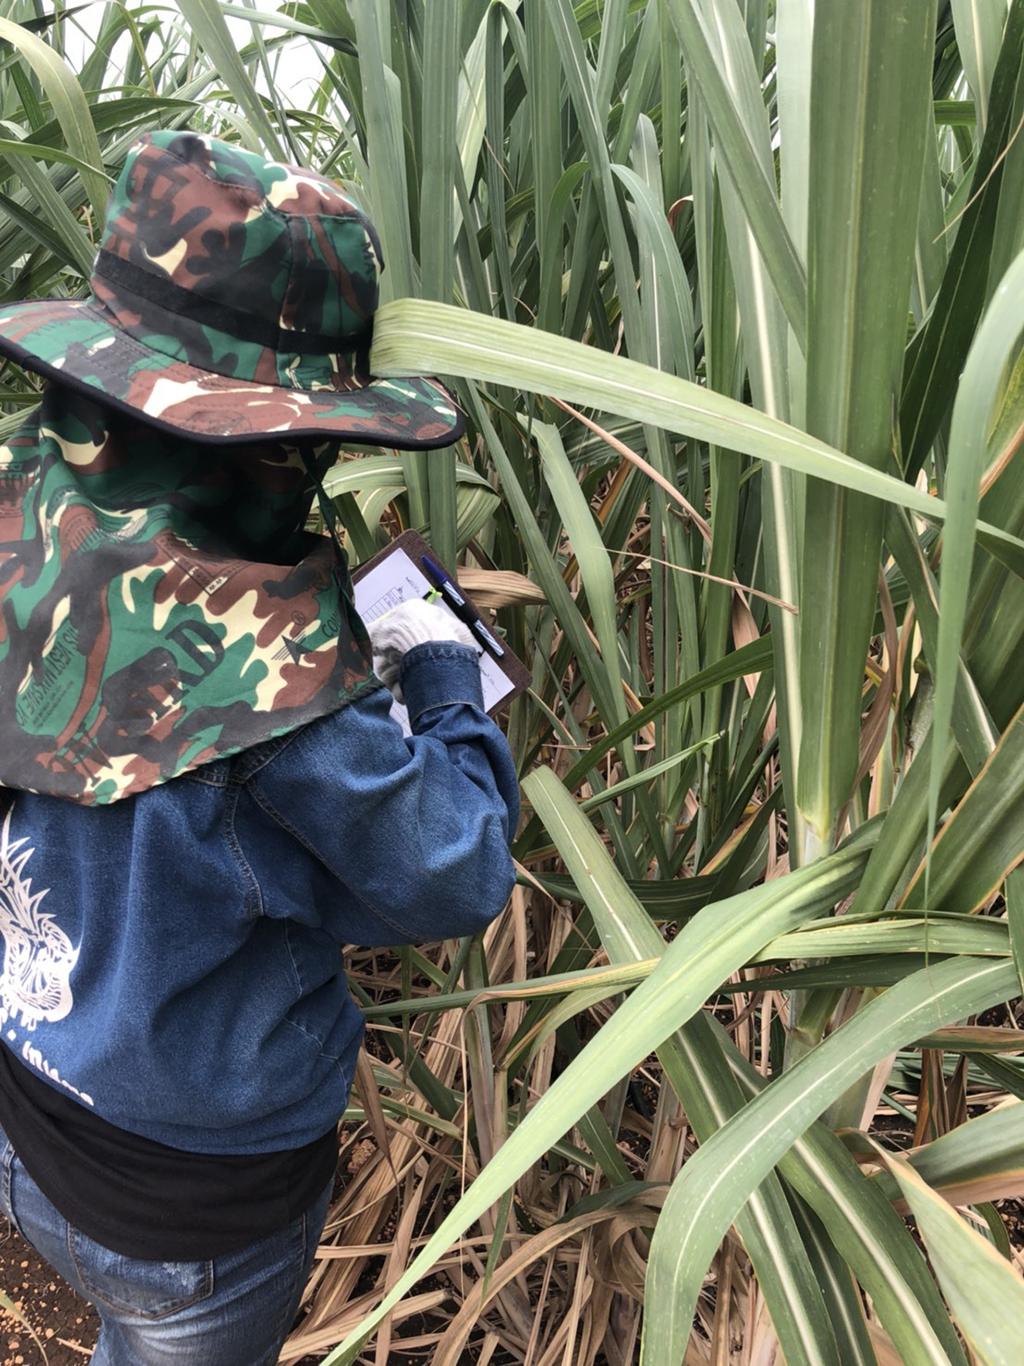 เมื่อระหว่างวันที่ 27-29 มีนาคม 2561 ที่ผ่านมา ทีมงานโครงการพัฒนาเพื่อปรับโครงสร้างการปรับปรุงพันธุ์อ้อยฯ (ปีงบประมาณ 2561)เดินทางไปสำรวจโรคในแปลงอ้อยคัดเลือกพันธุ์ จ.สระบุรี